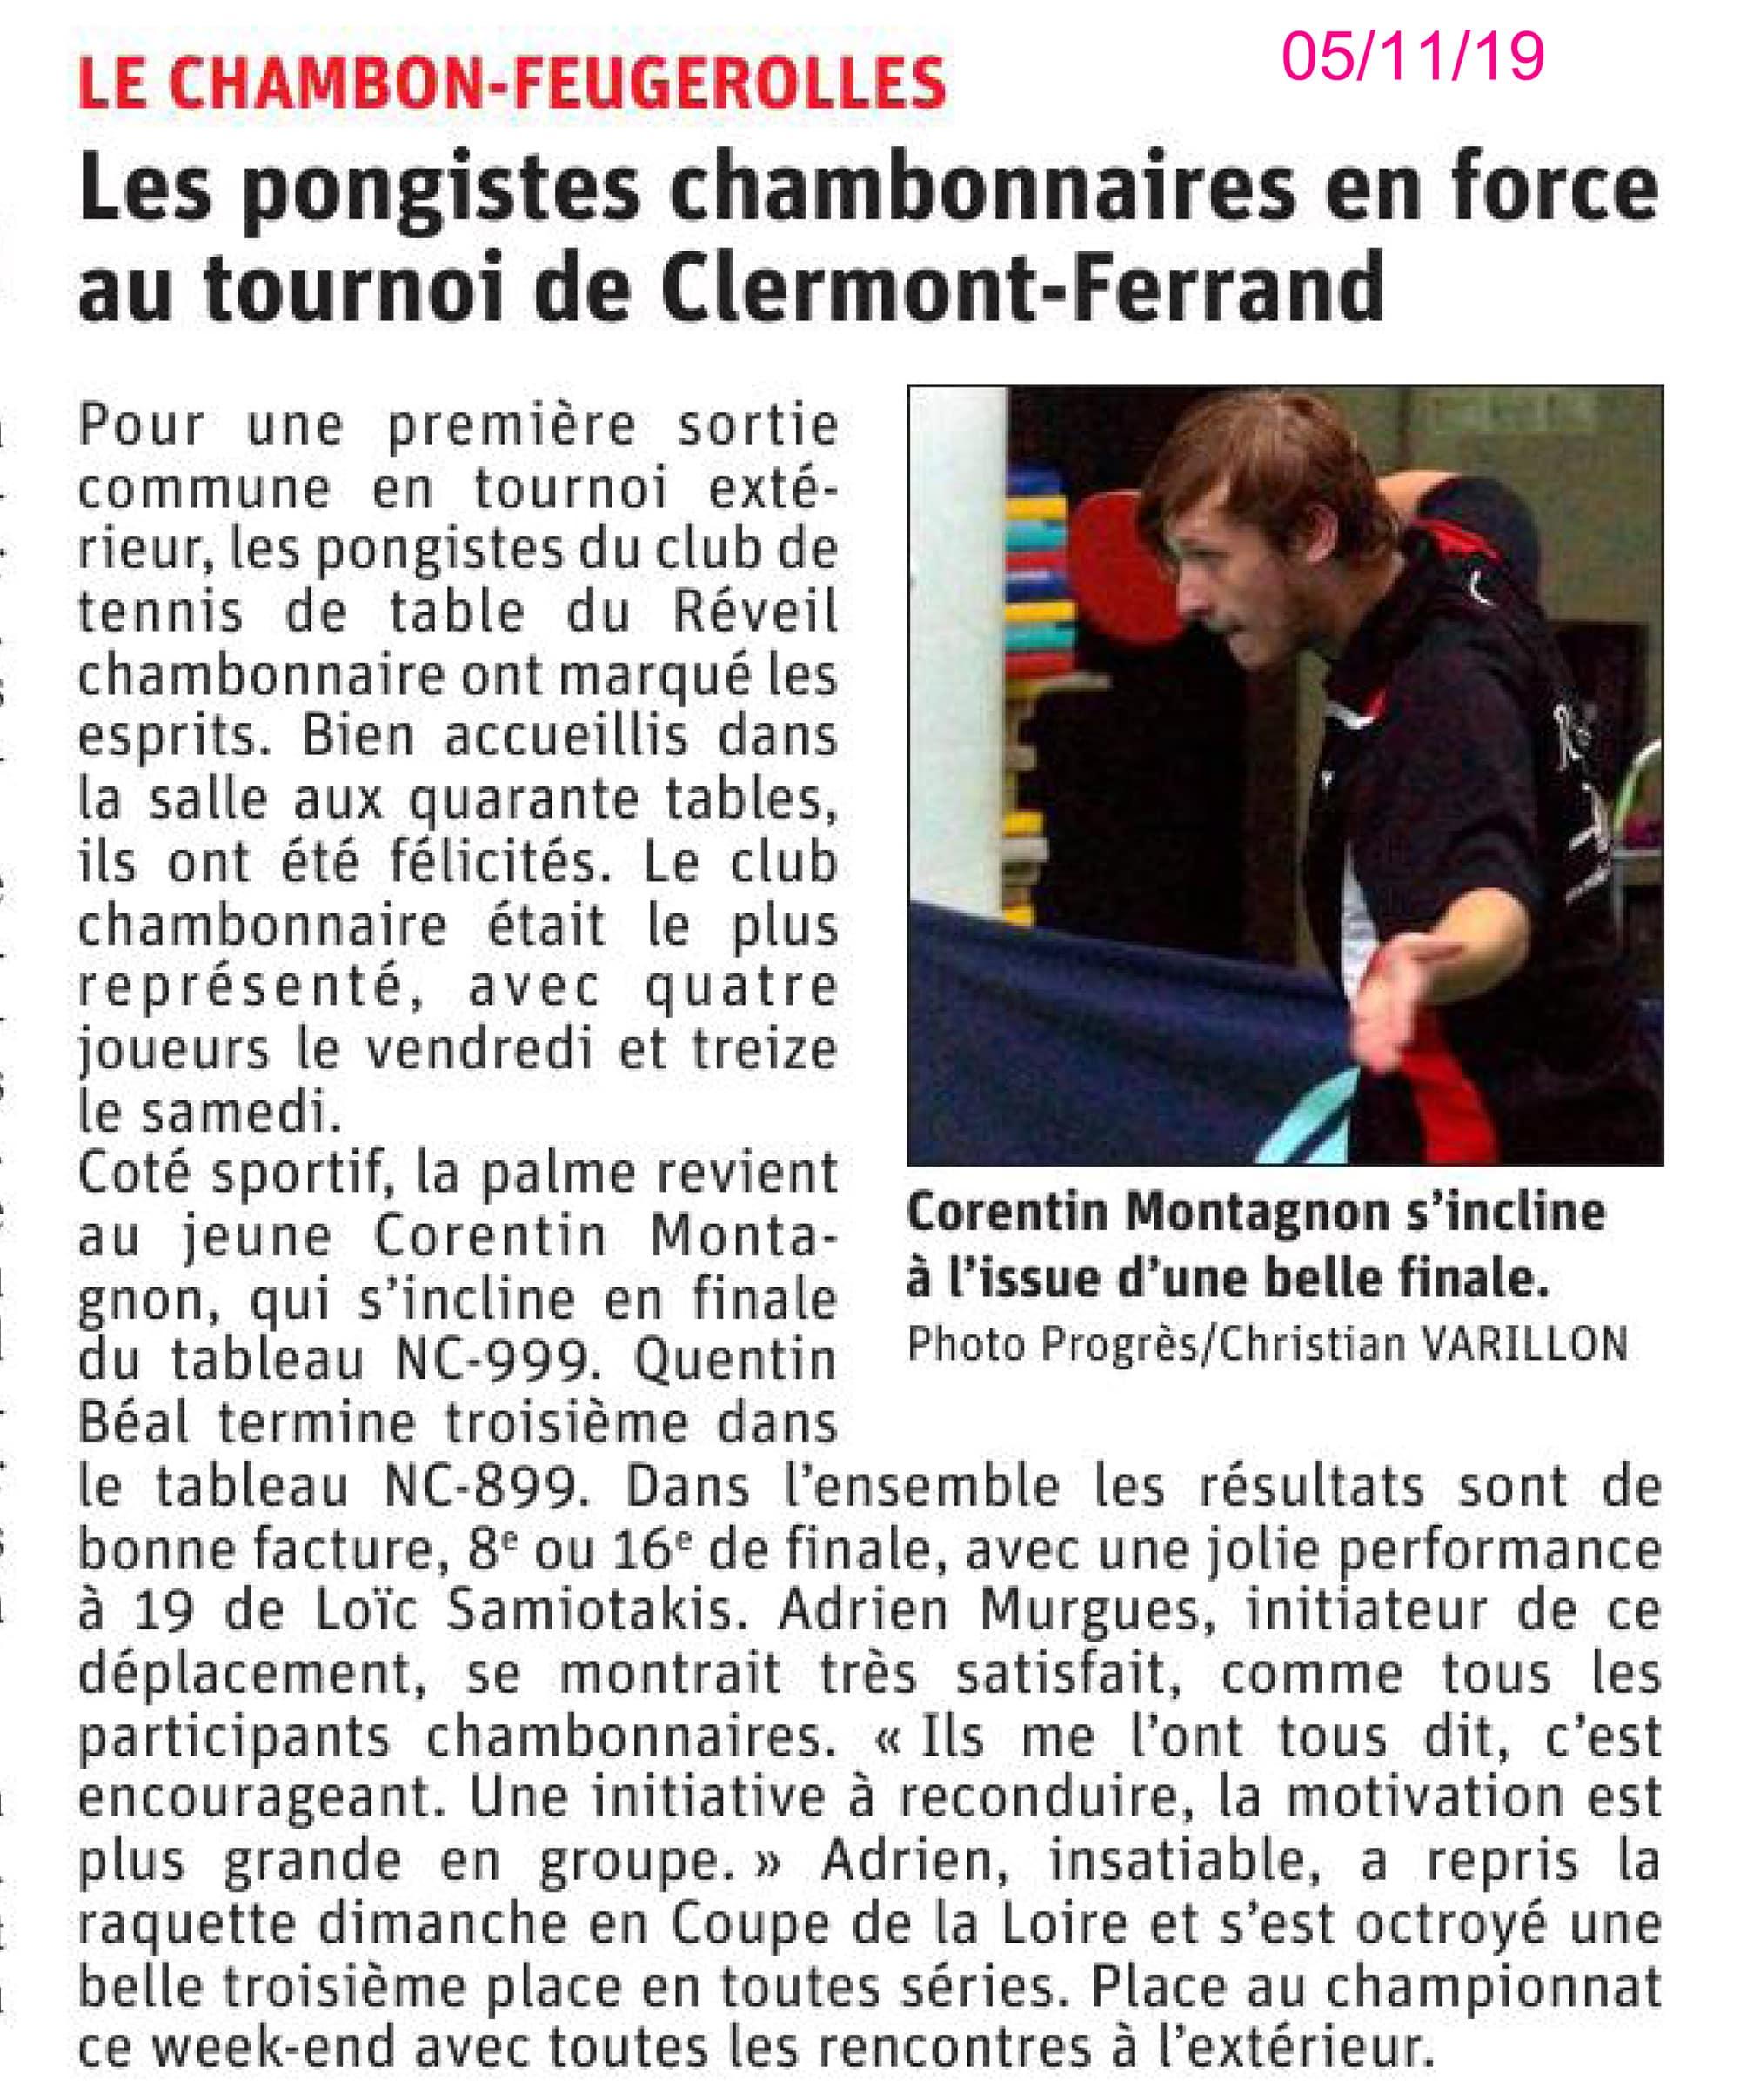 Le RCTT, club le plus représenté au tournoi du stade clermontois